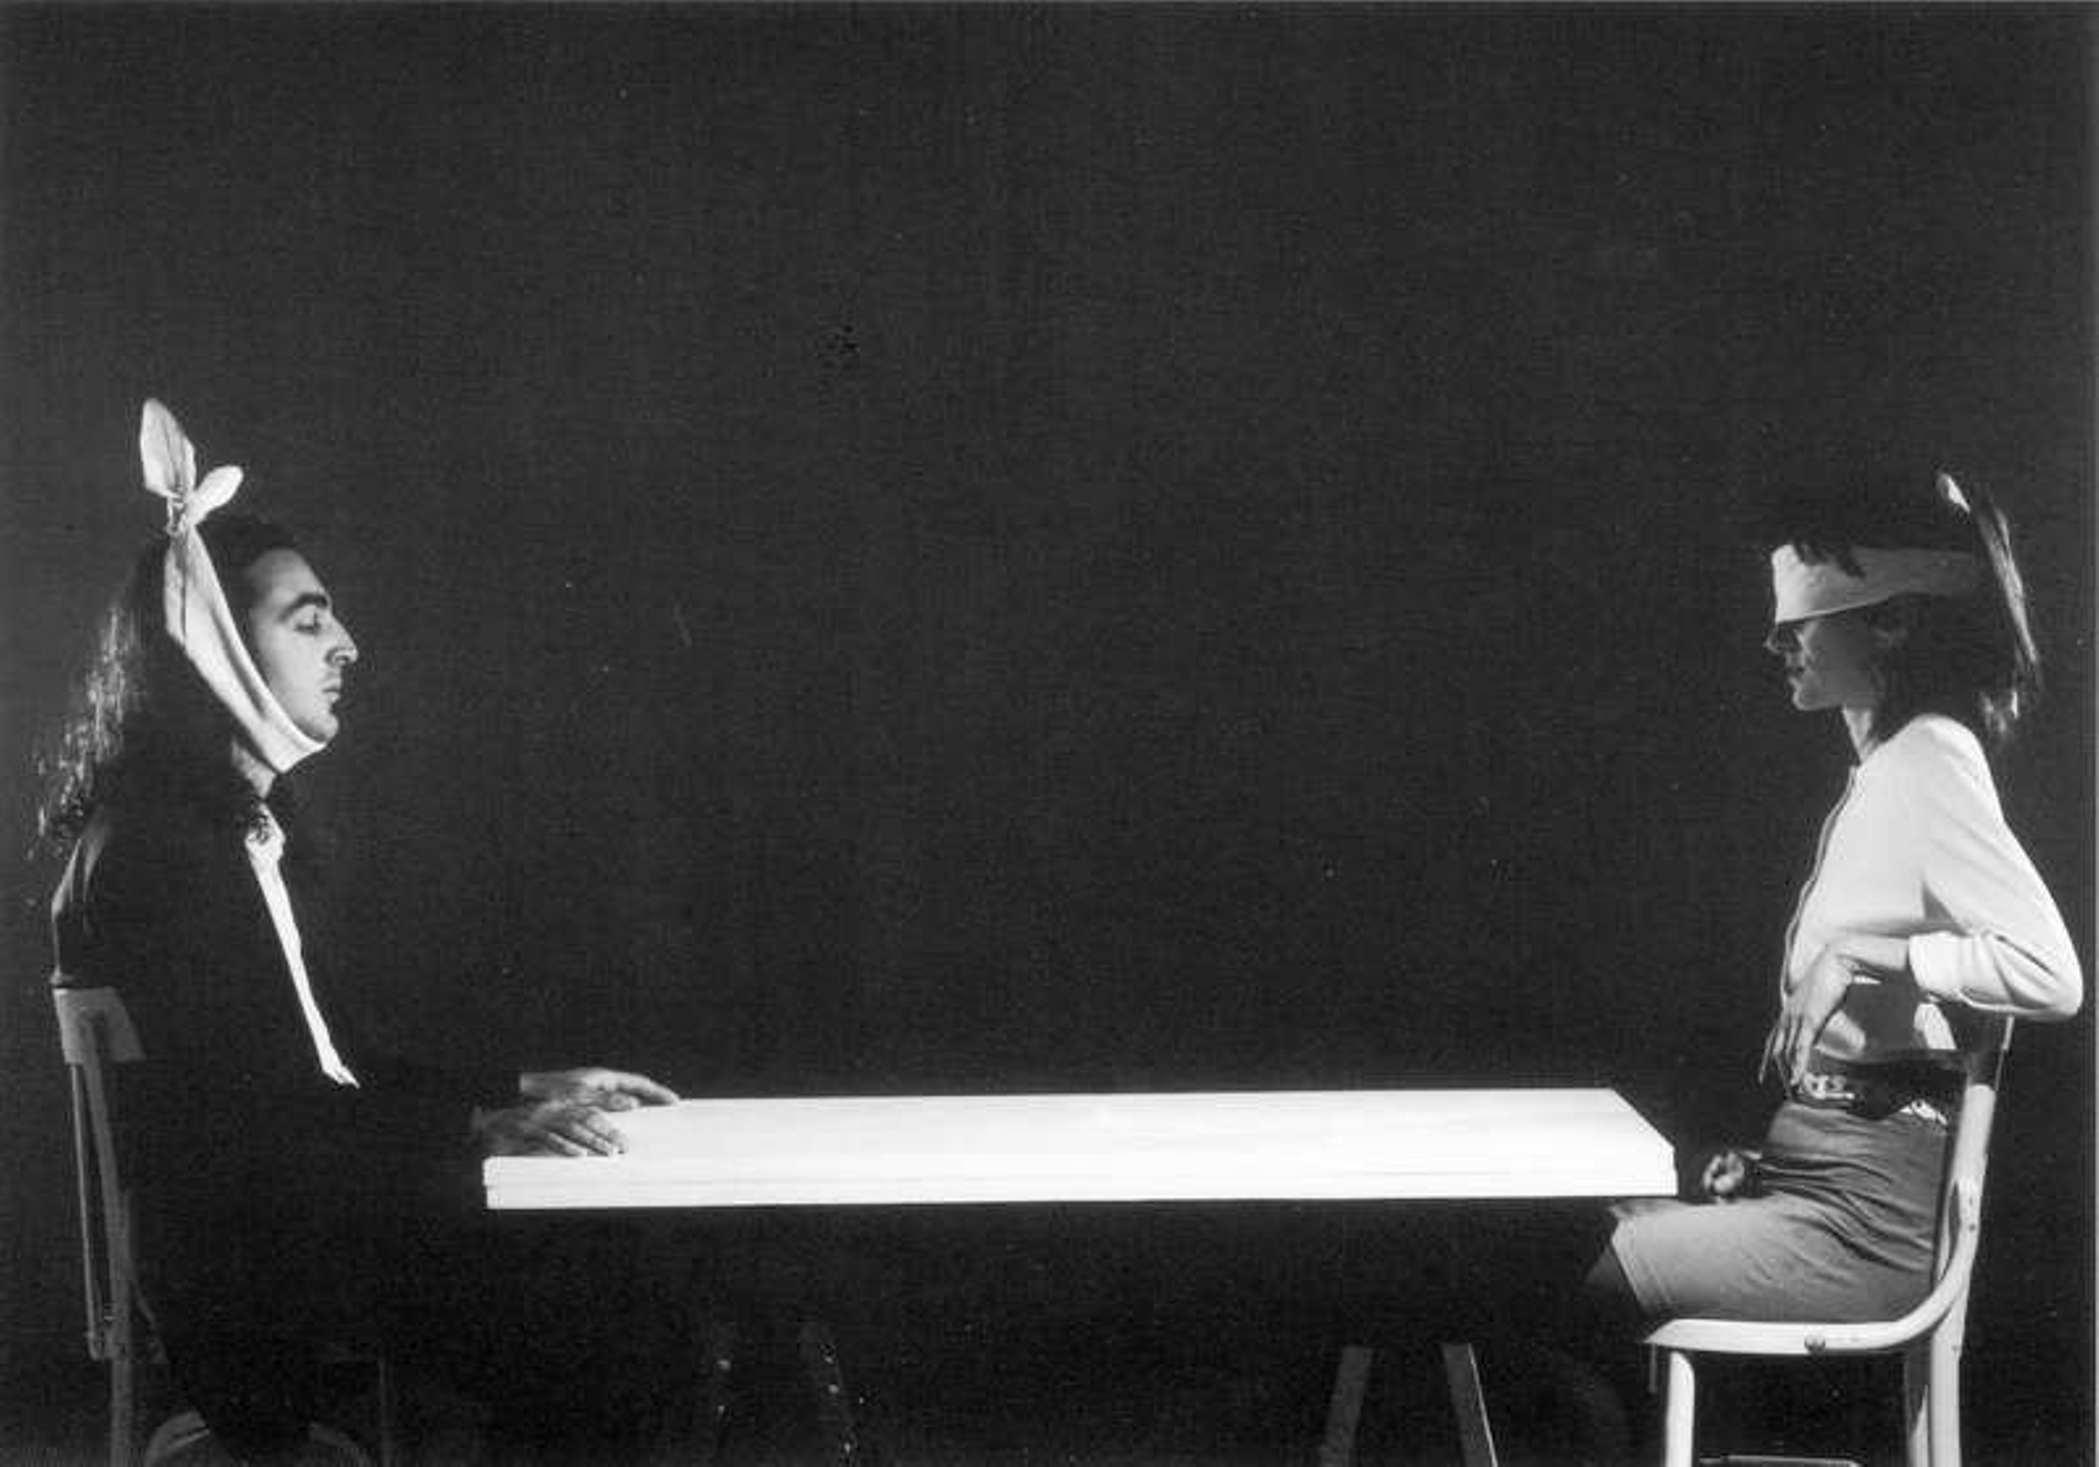 El que no oye (1994) - Eva Lootz